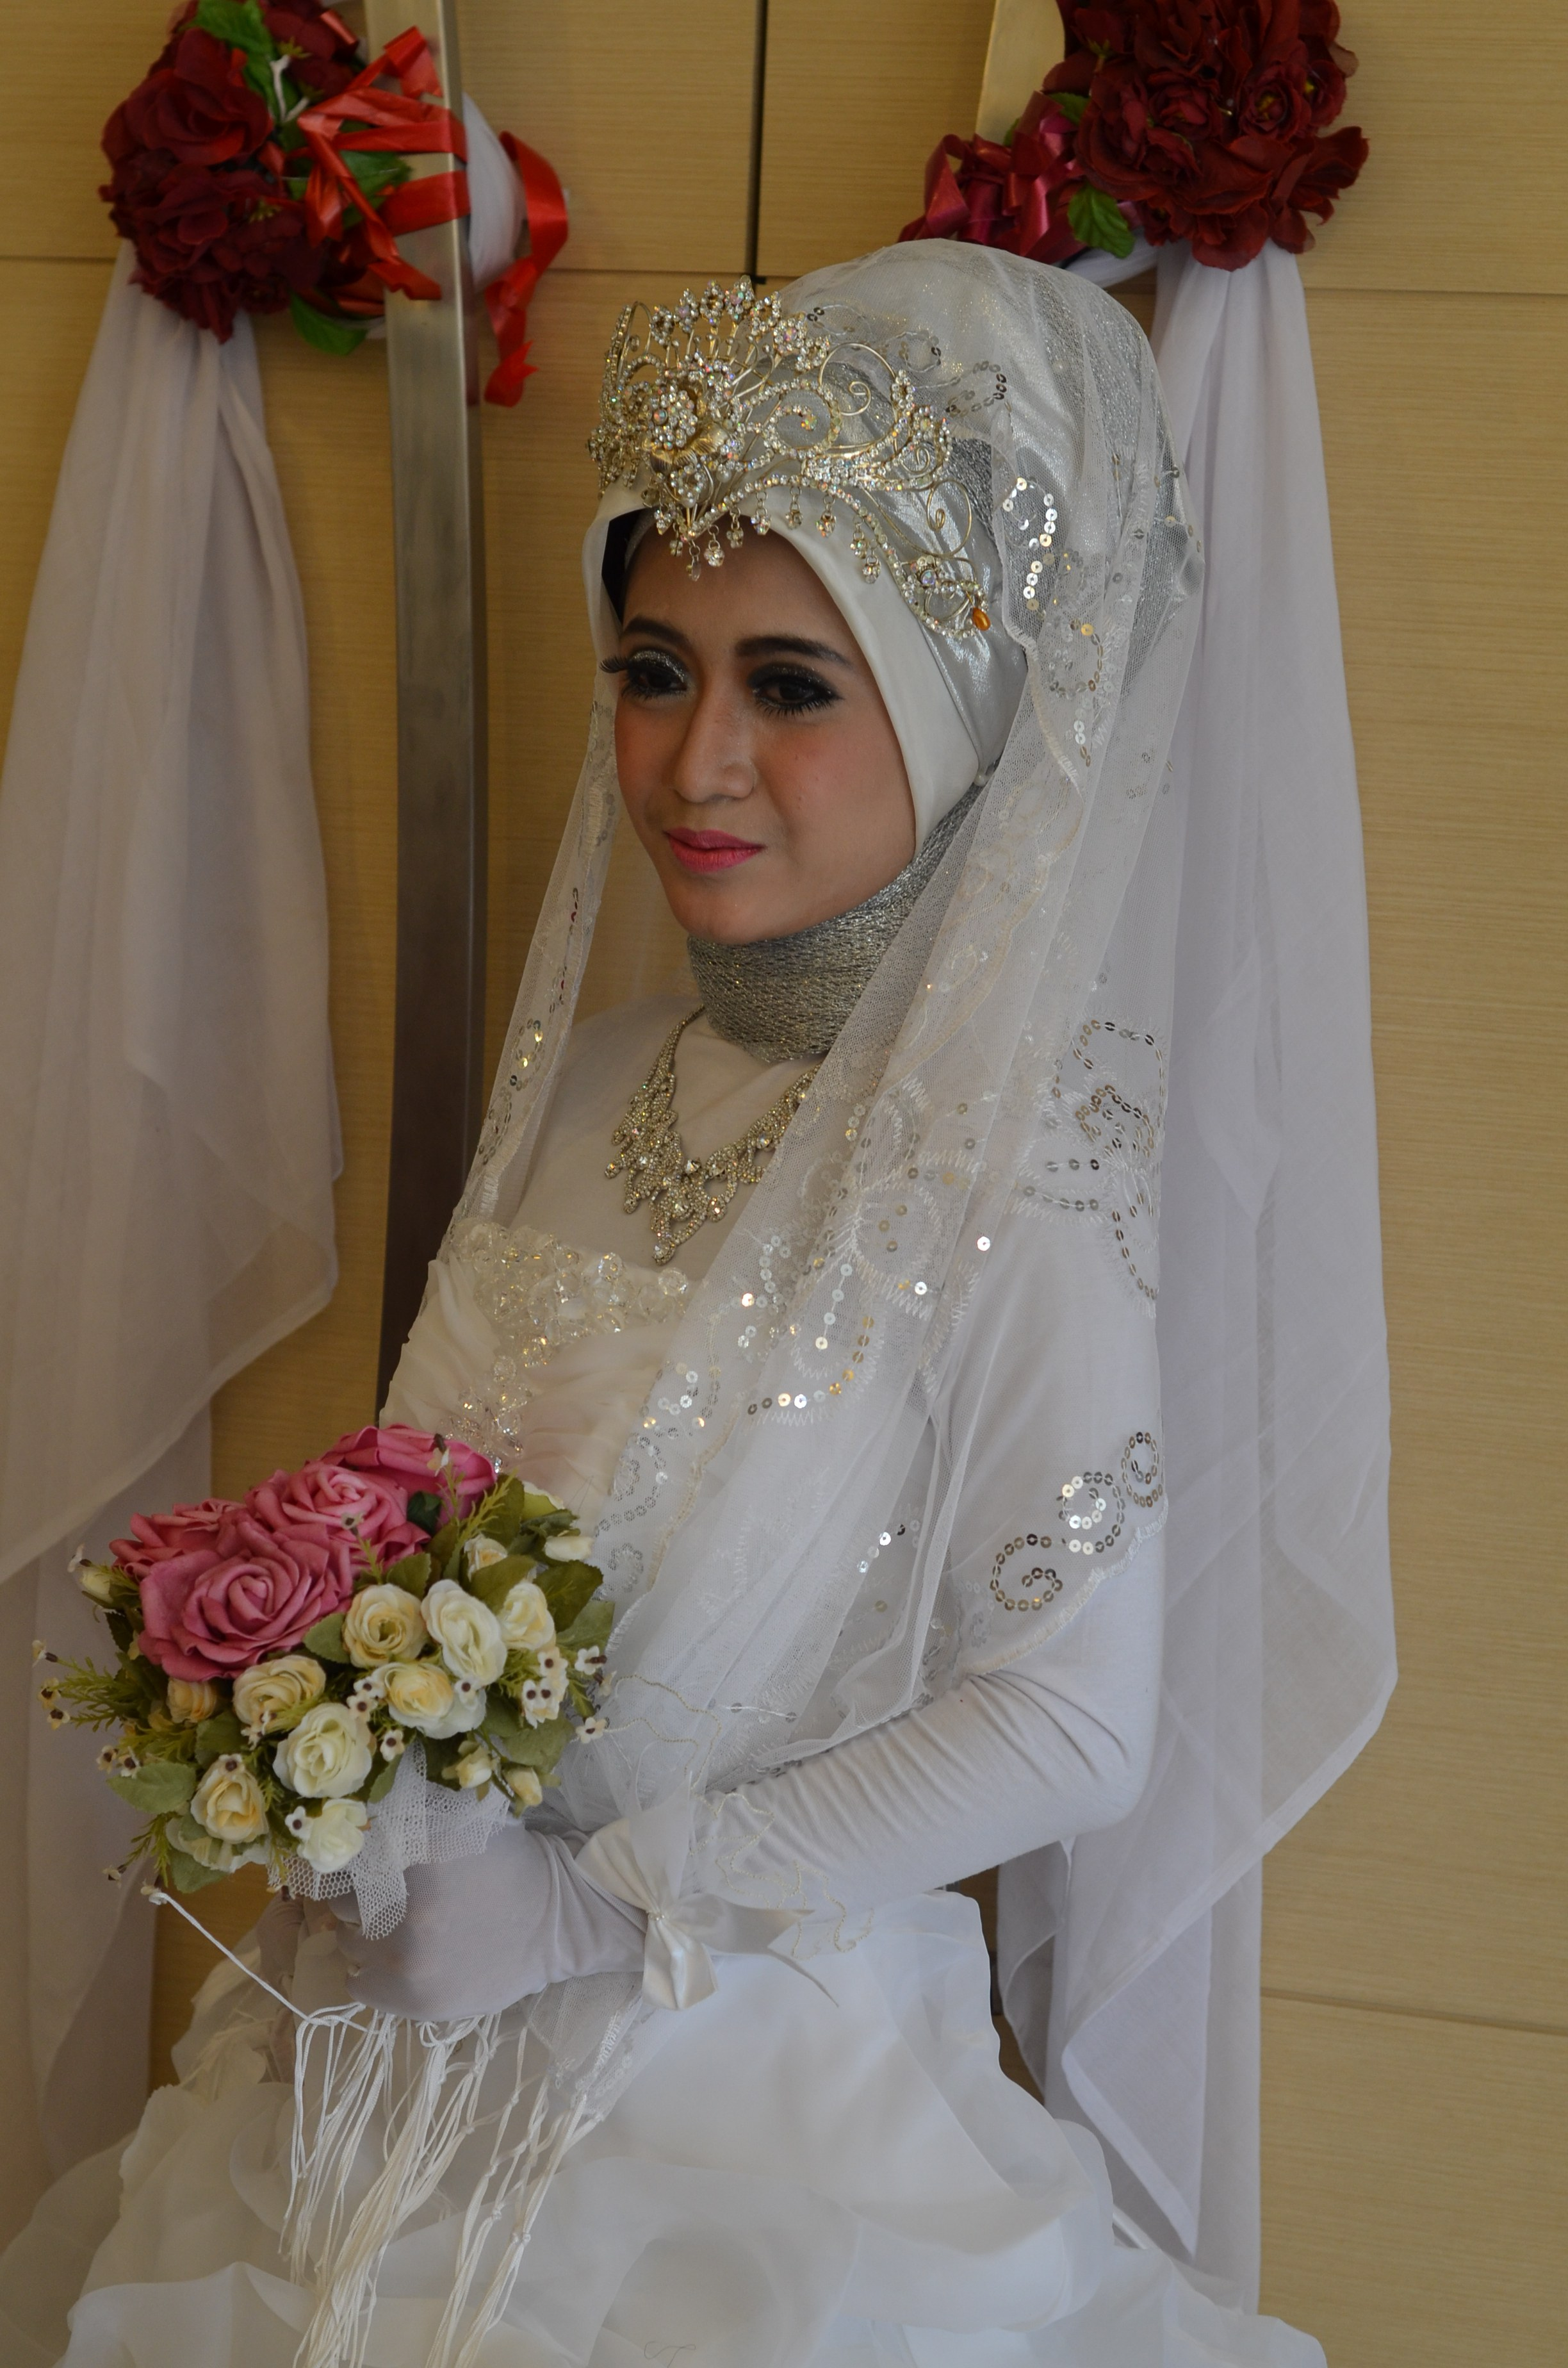 Ide Baju Pengantin Muslimah T8dj Gambar Baju Pengantin Download Gambar Wallpaper Terbaru